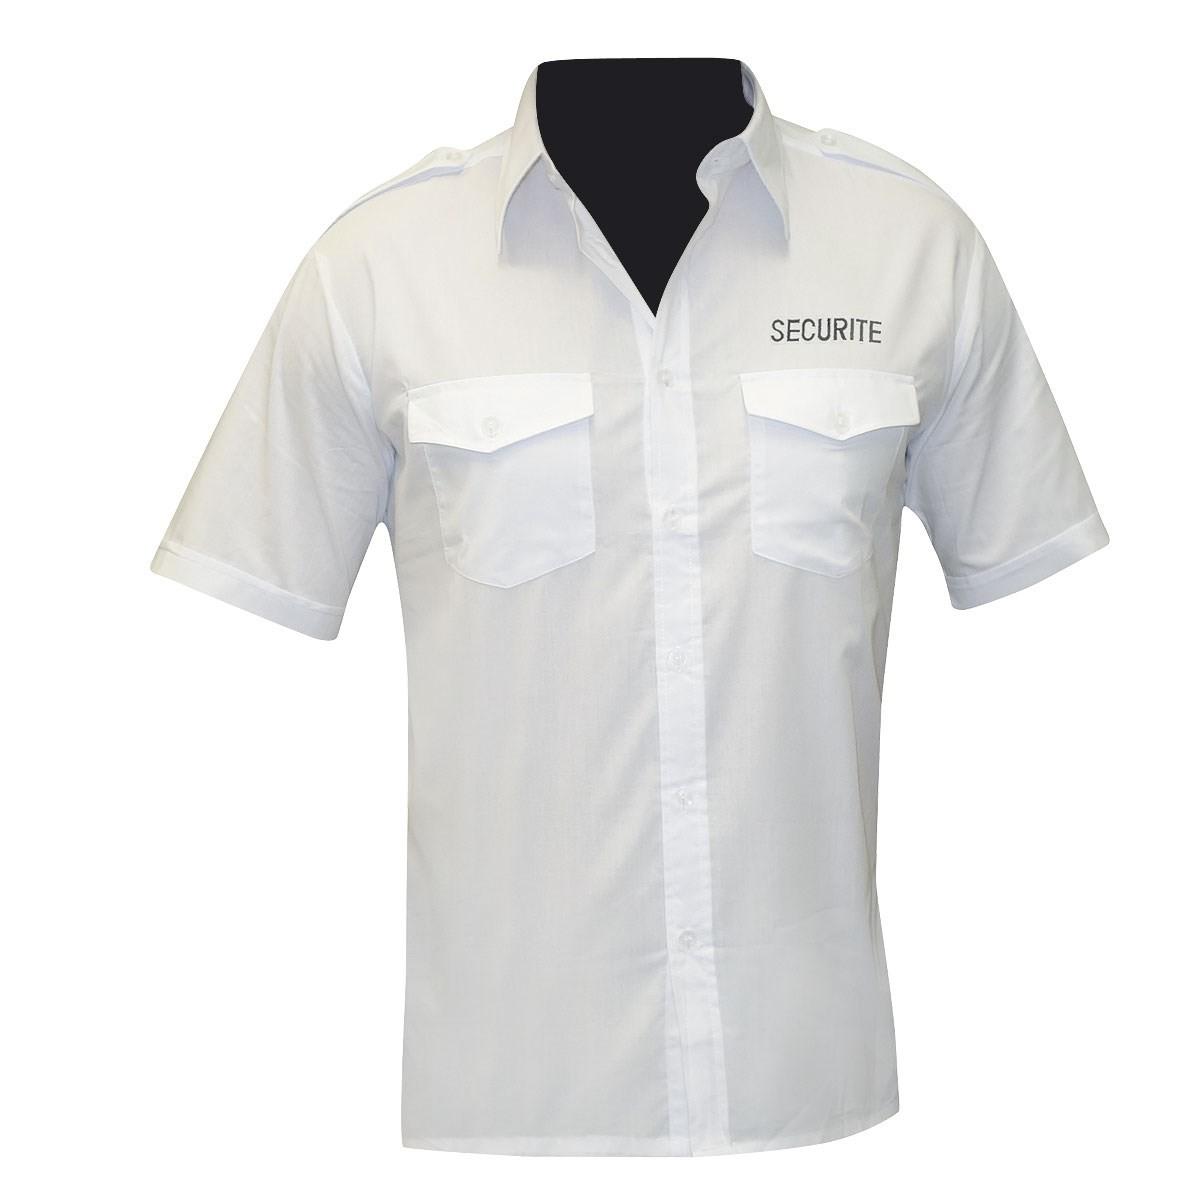 Chemise pour agent de sécurité brodée manches courtes